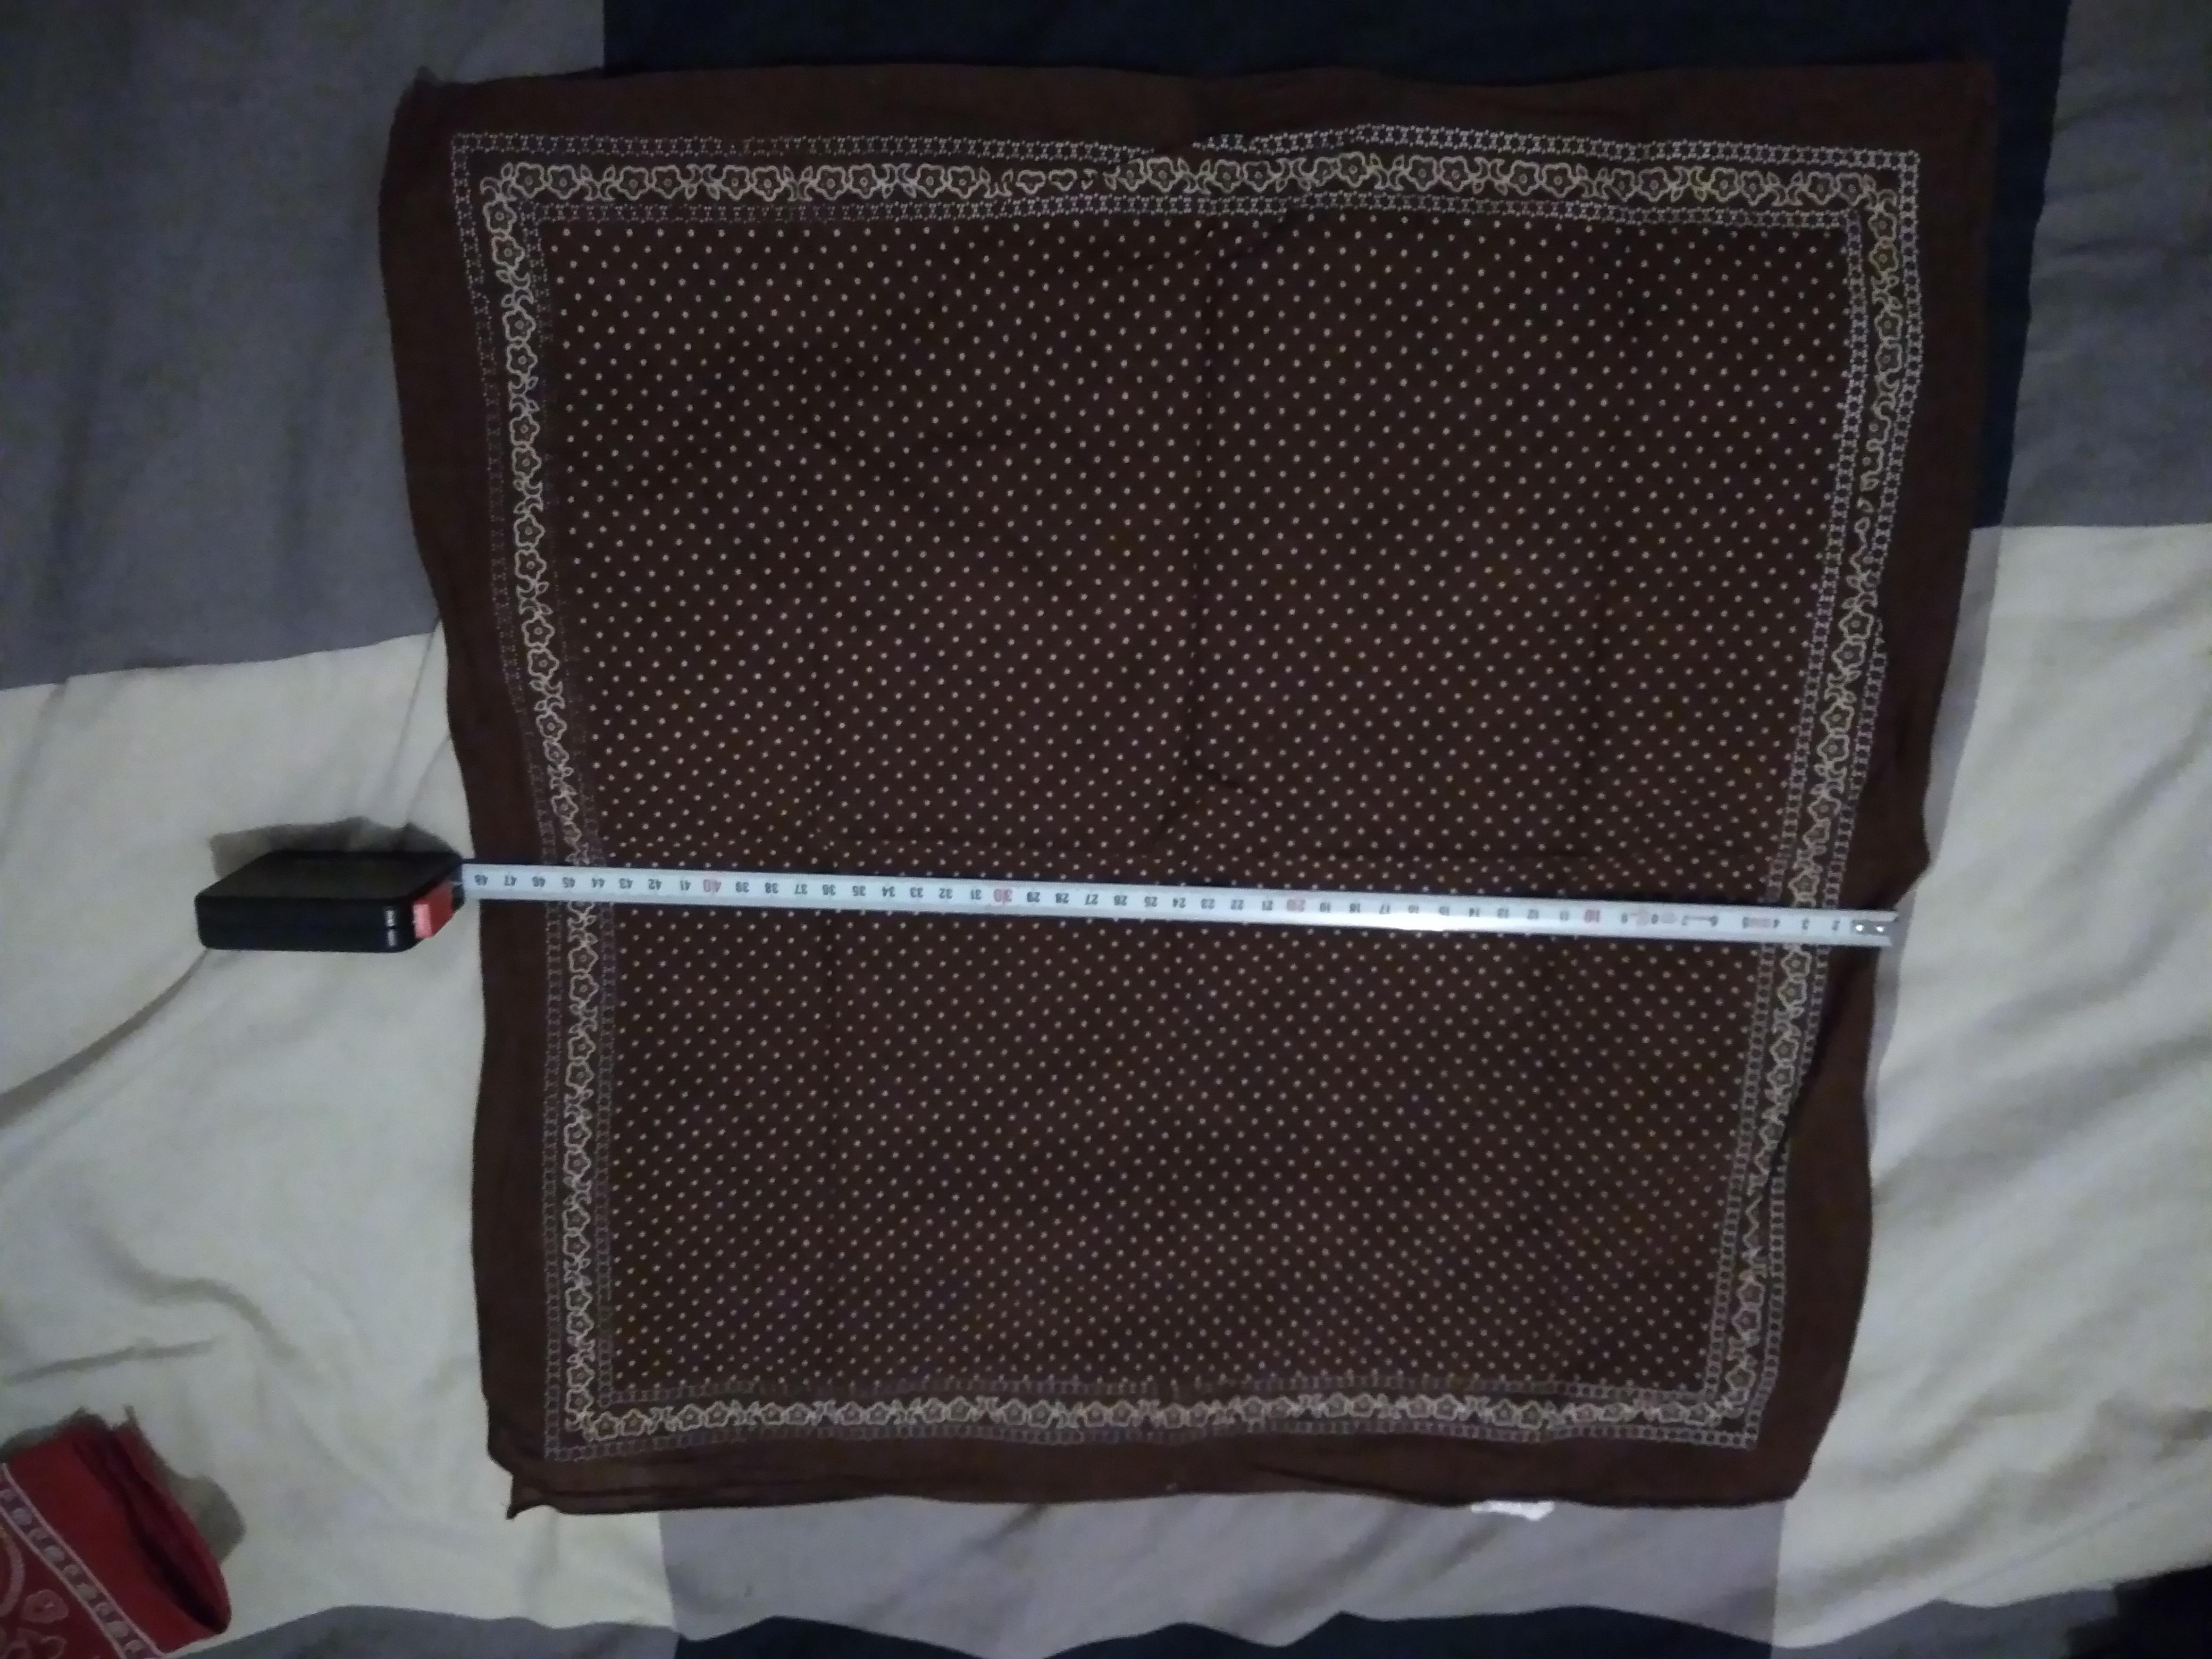 troc de troc calinou / carrée coton 2 image 0